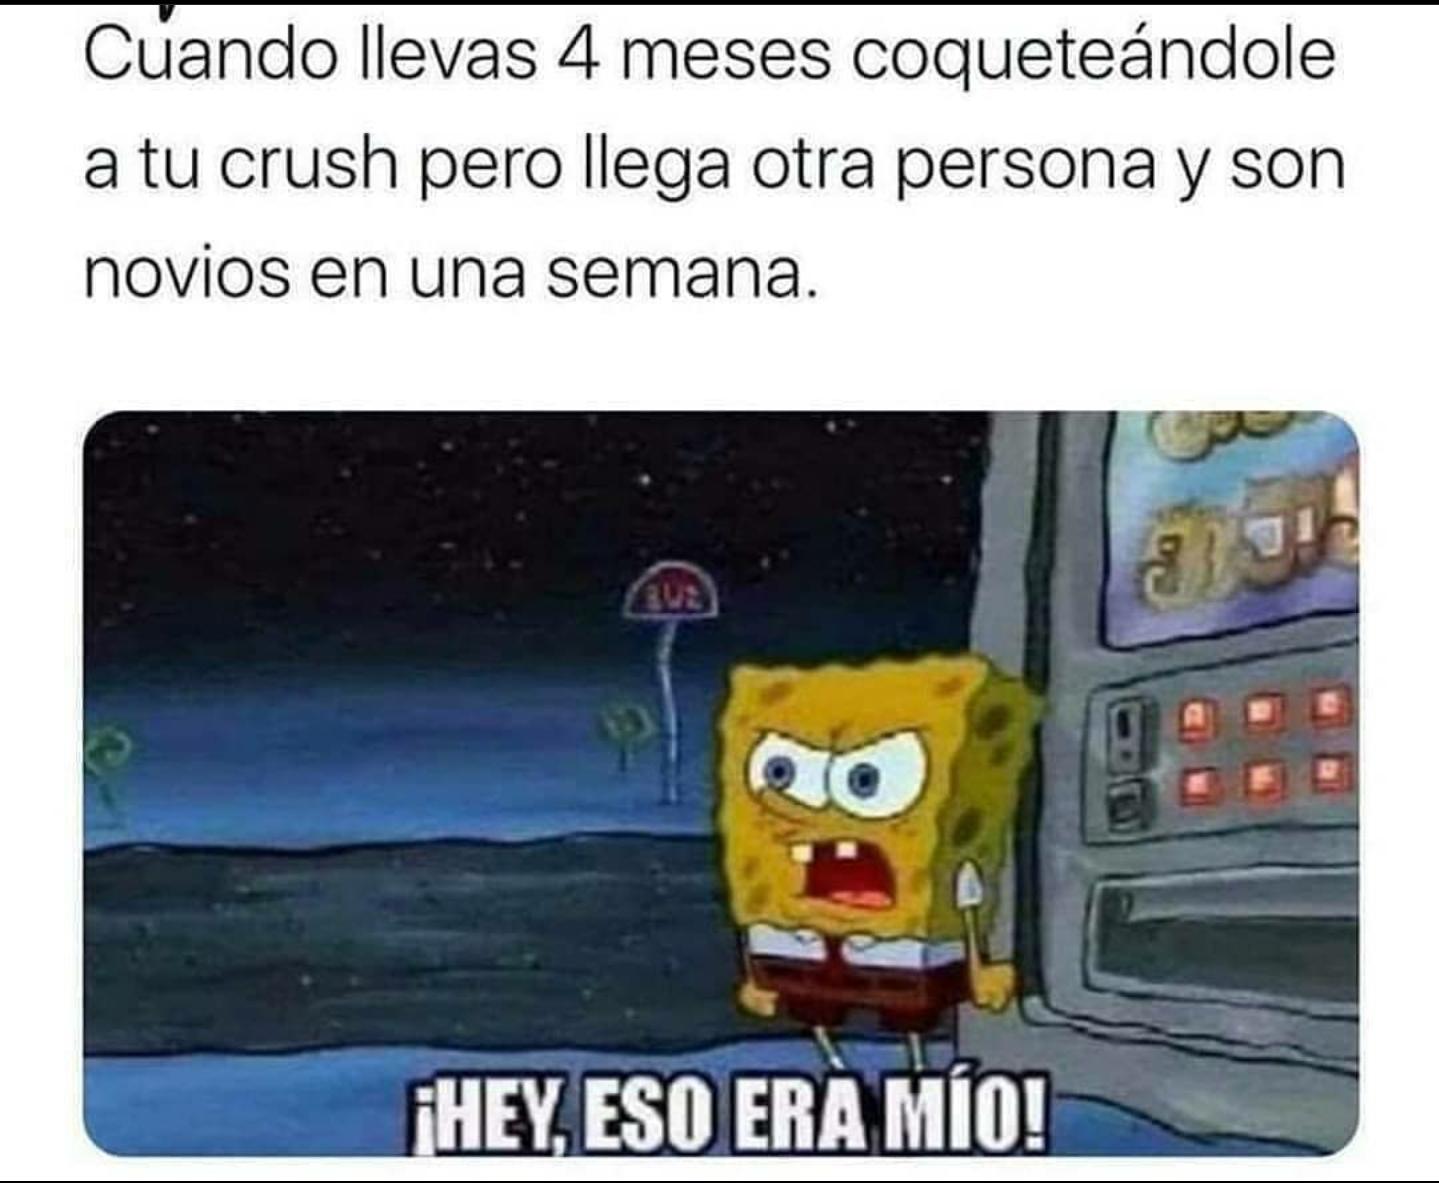 Mejores Memes Memes En Espanol Memes Meme Meme Del Dia Memes 2020 Memes Divertidos Mejores Memes Meme Del Dia